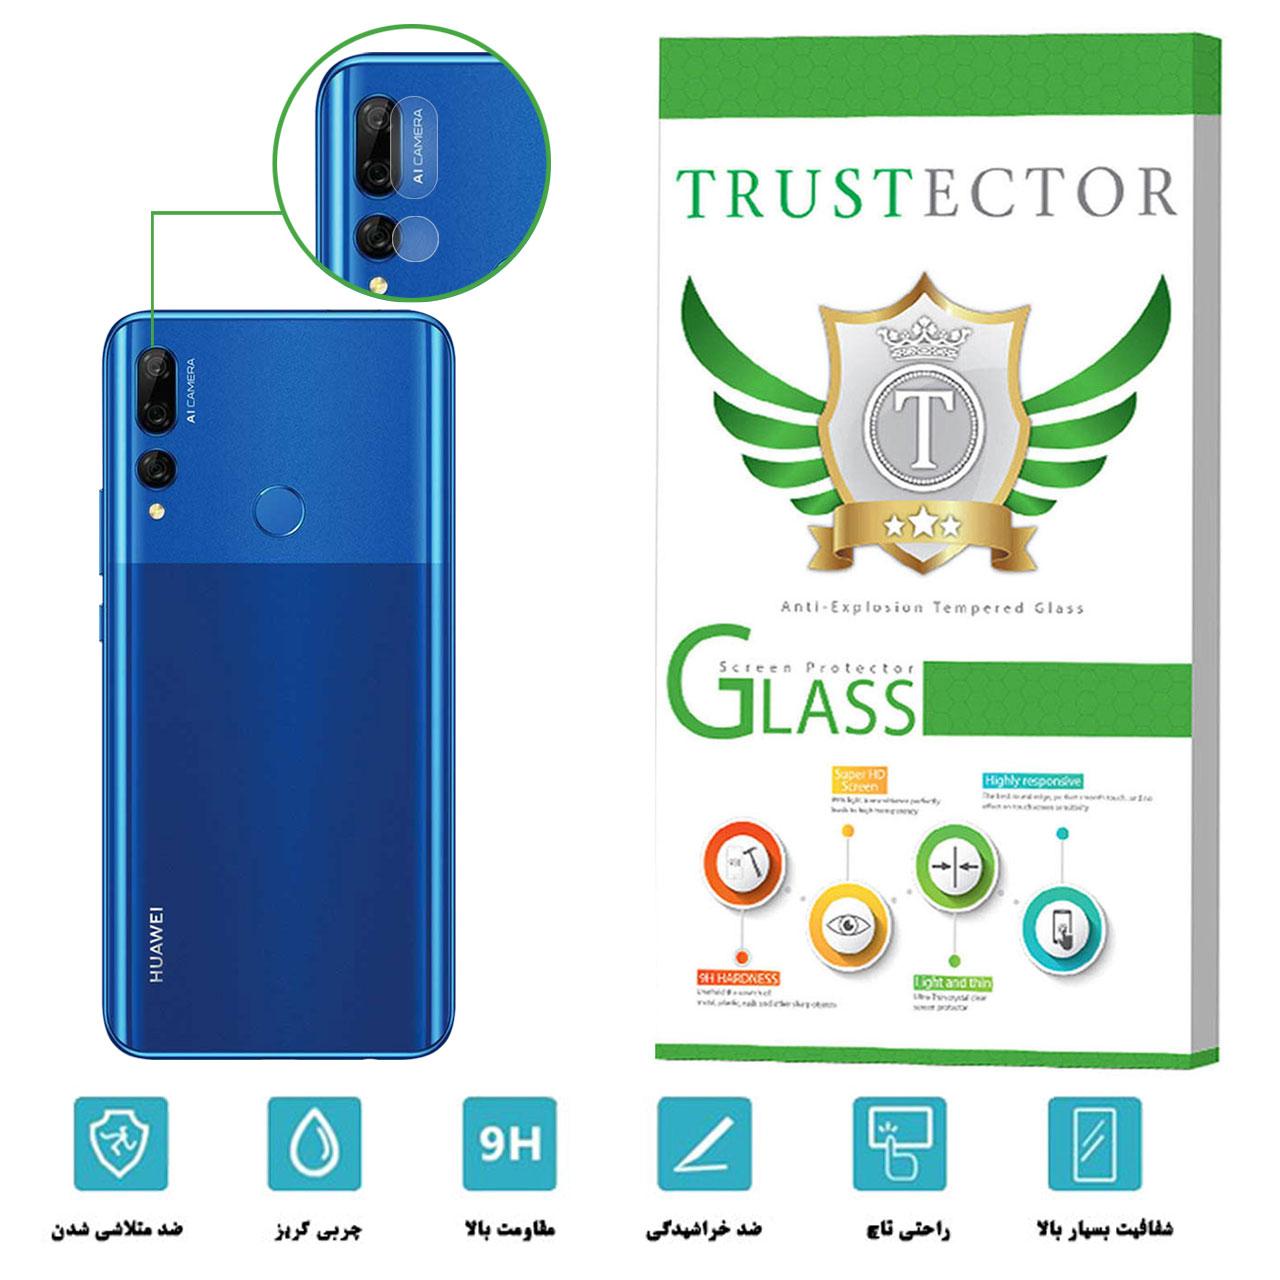 محافظ لنز دوربین تراستکتور مدل CLP مناسب برای گوشی موبایل هوآوی Y9 Prime 2019               ( قیمت و خرید)